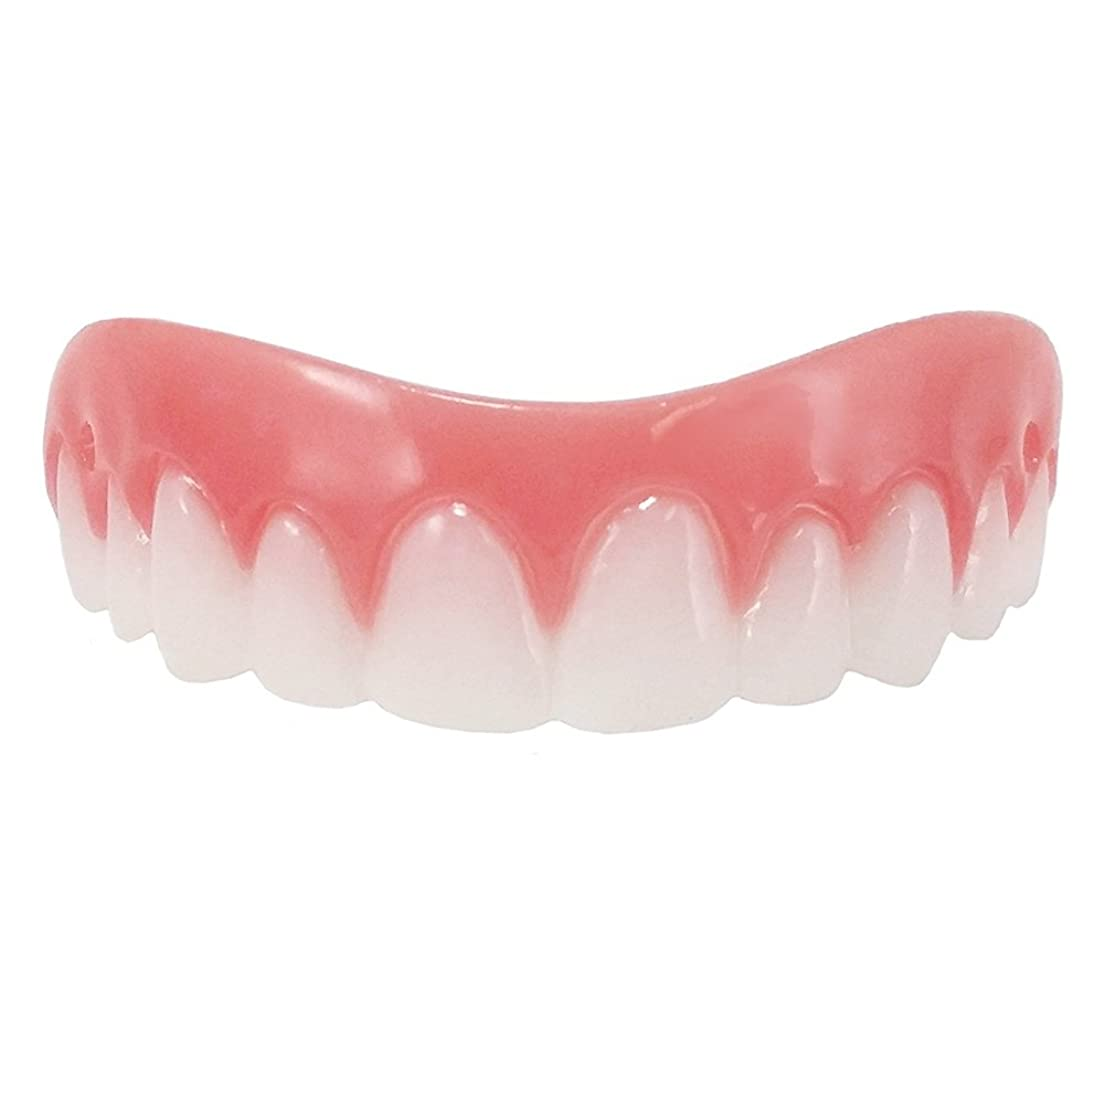 アルカトラズ島大砲キノコシリコン義歯ペースト 美容用 入れ歯 上歯 下歯2個セット (free size)